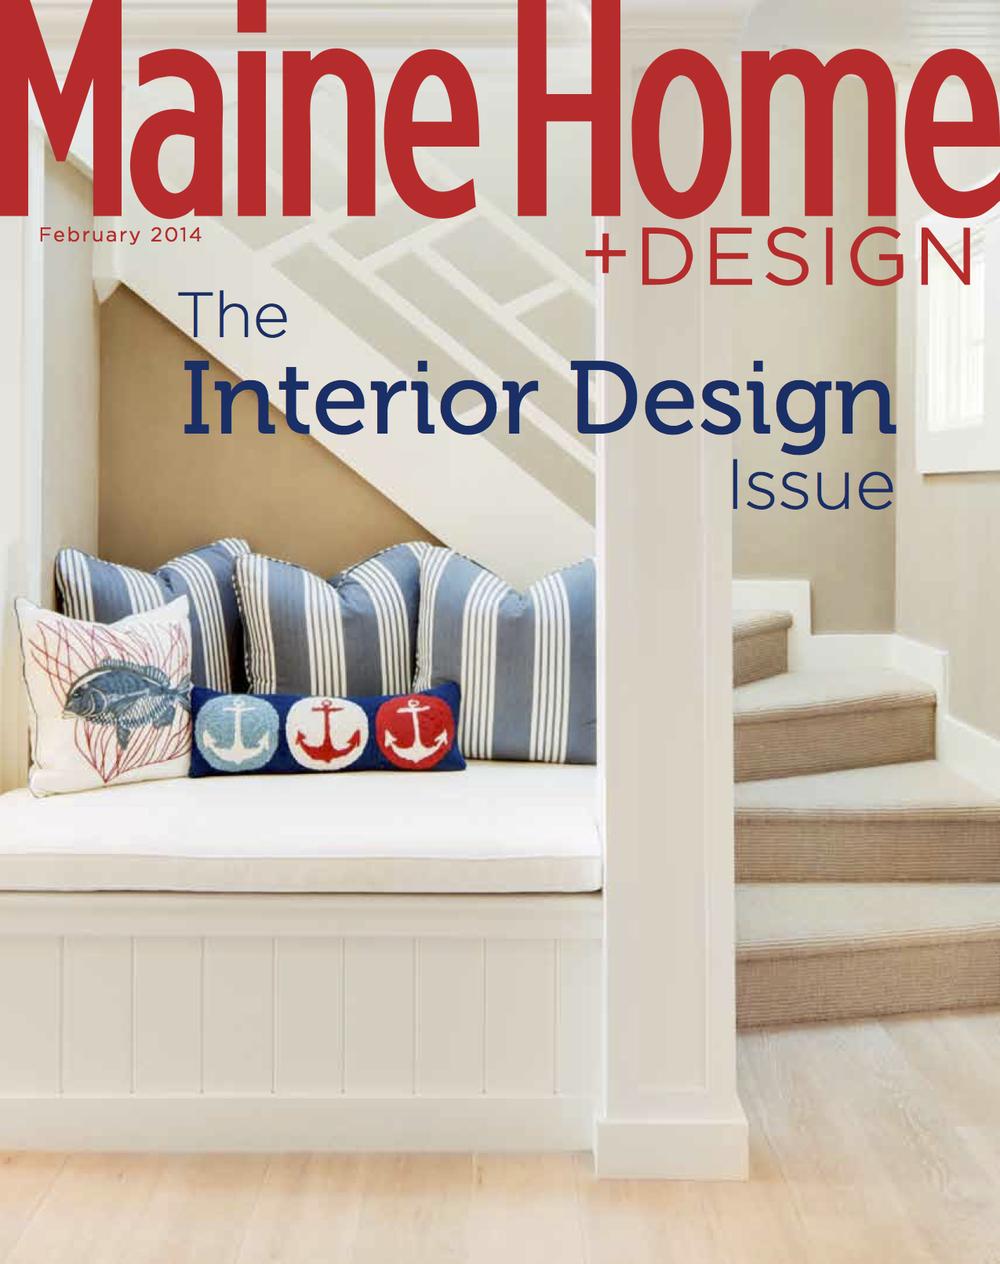 Ariana Fischer Interior Design.jpg